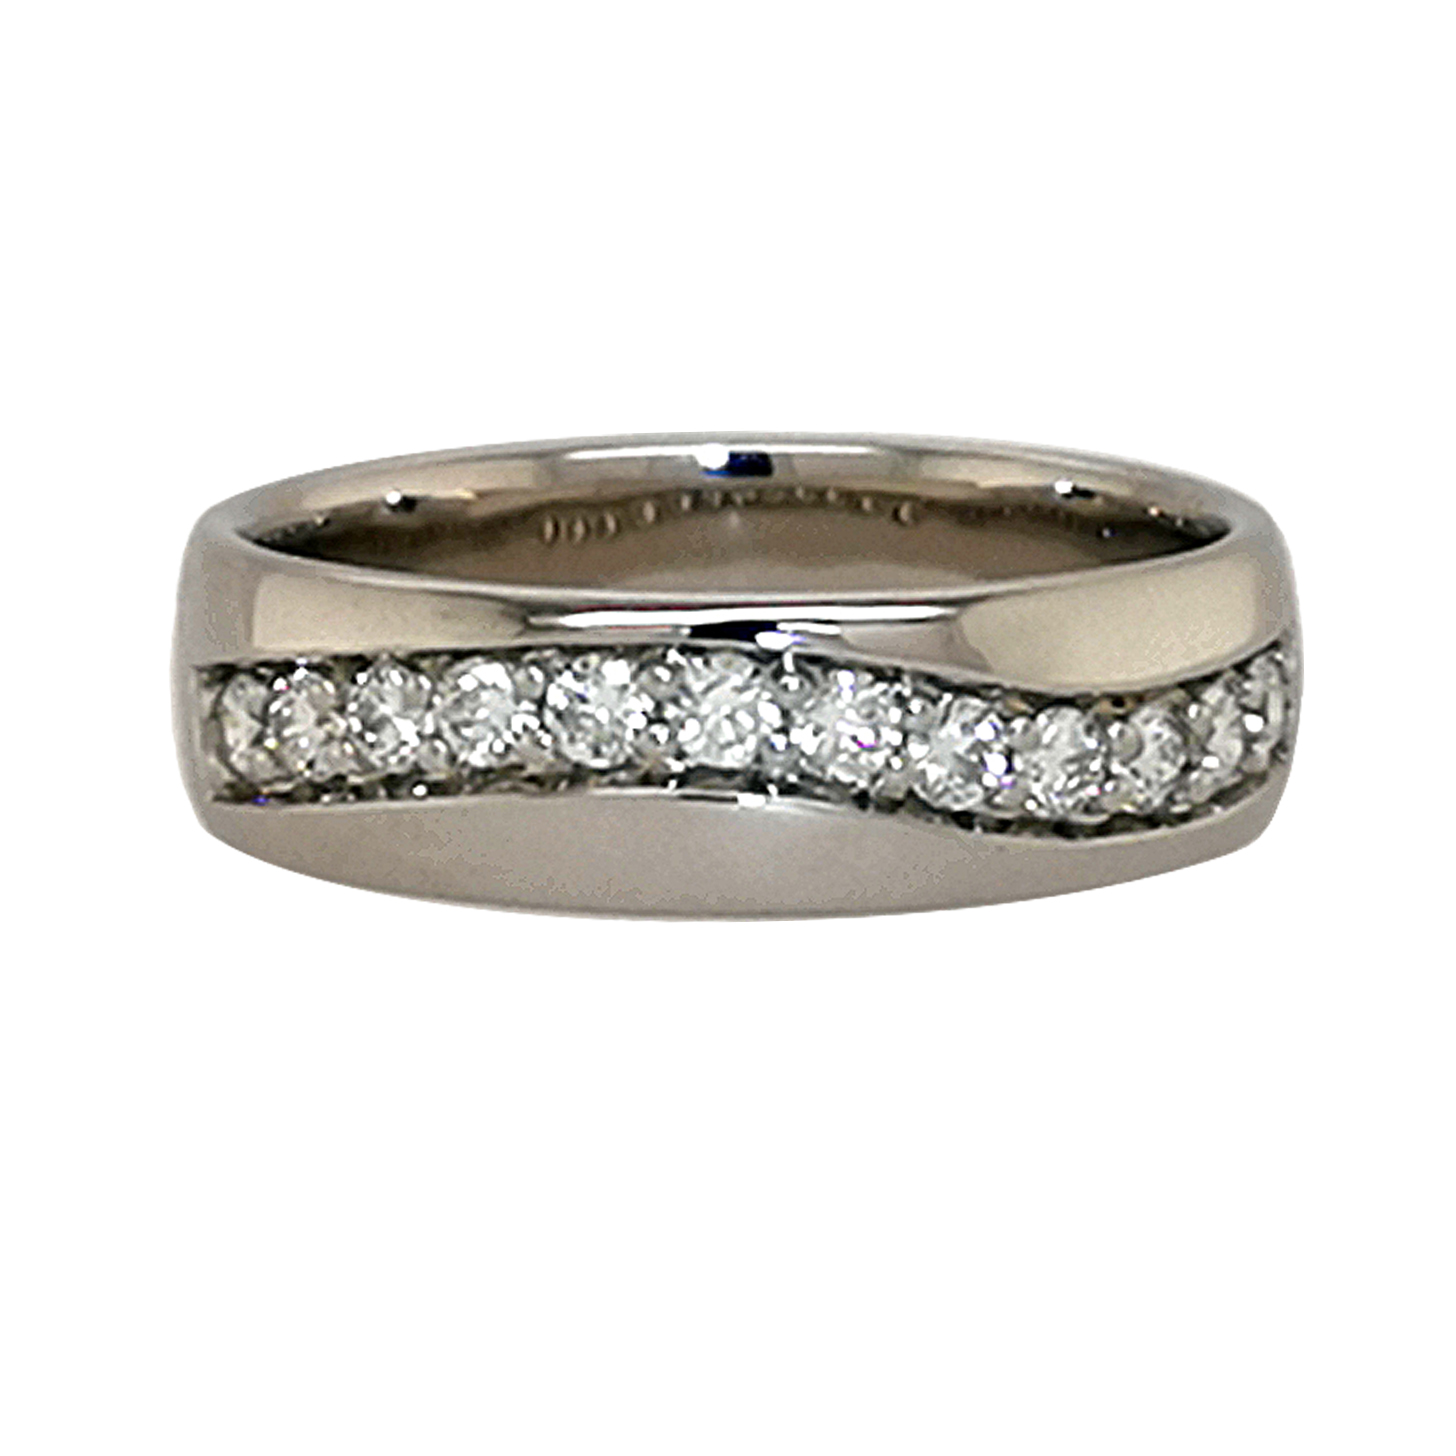 Brillantring aus 585 Weißgold mit 11 weißen Diamanten im Brillantschliff, Solitär ca. 0,25 ct, total ca. 0,6 ct